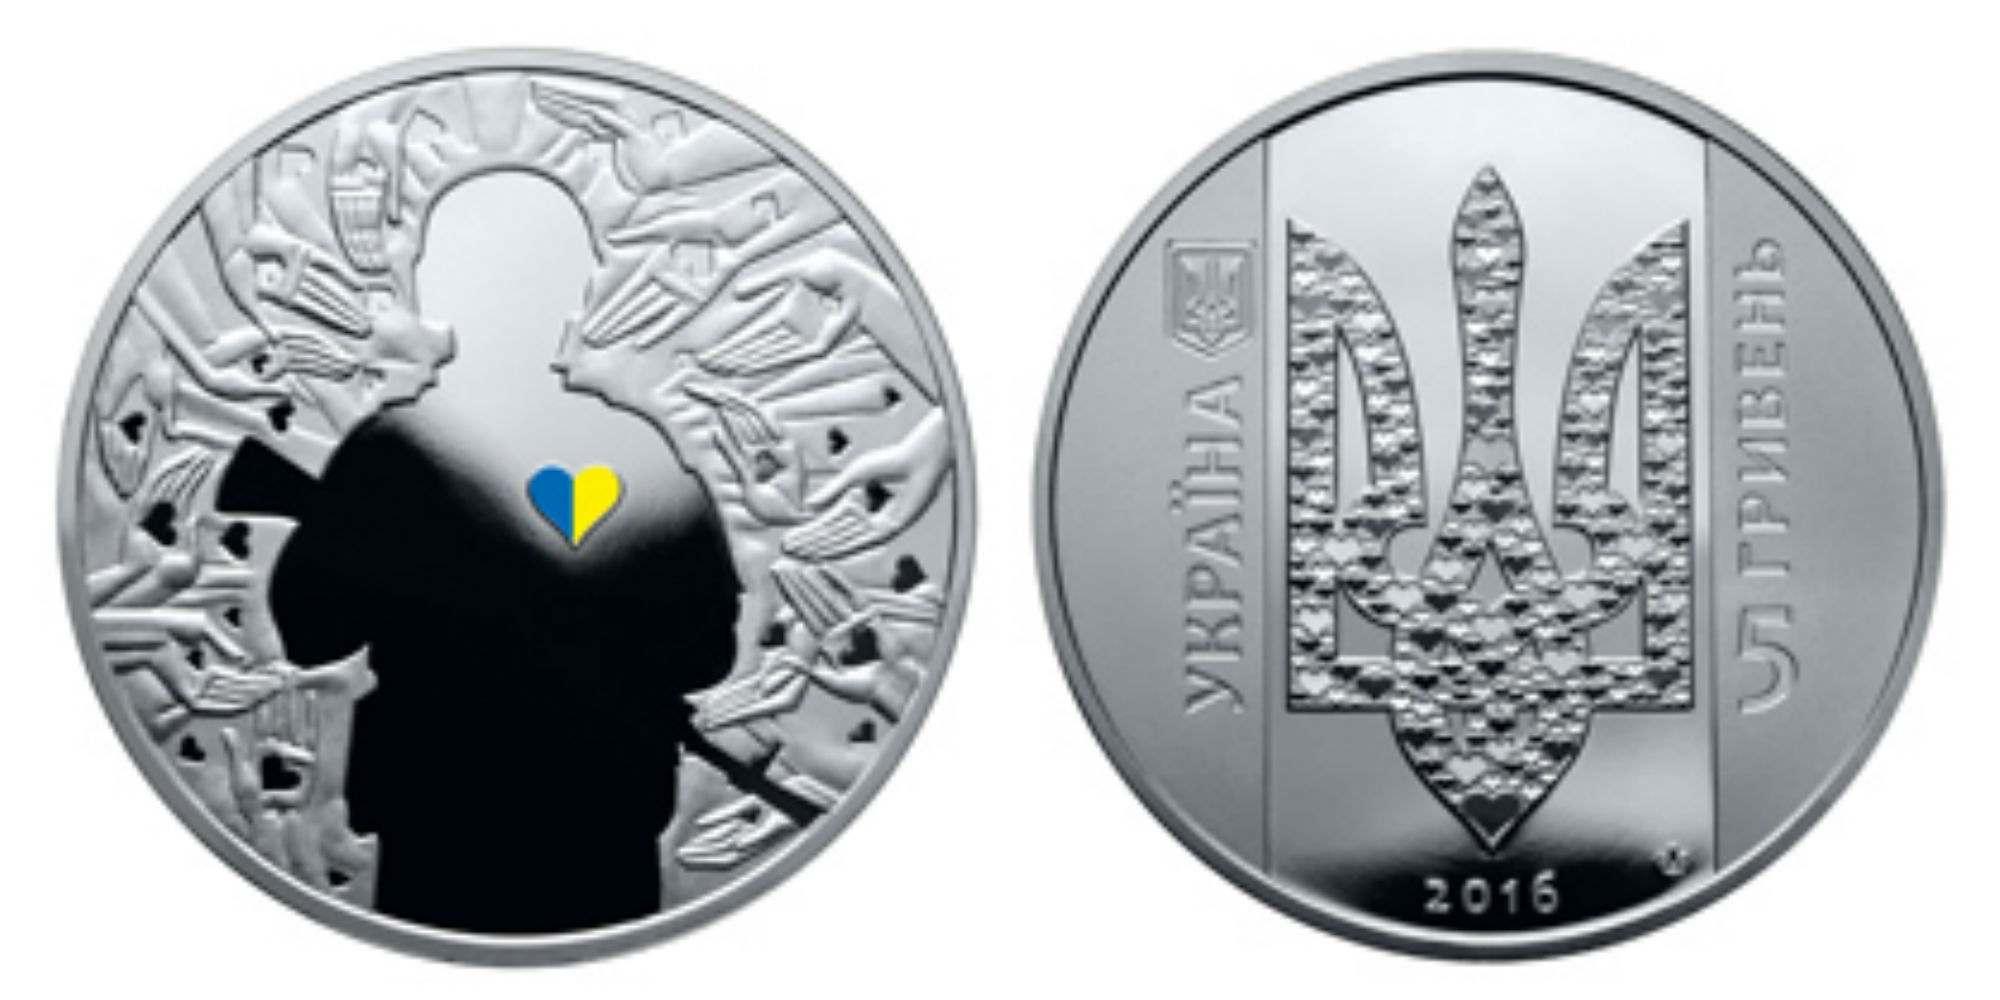 НБУ выпустил памятную монету «Украина начинается стебя»